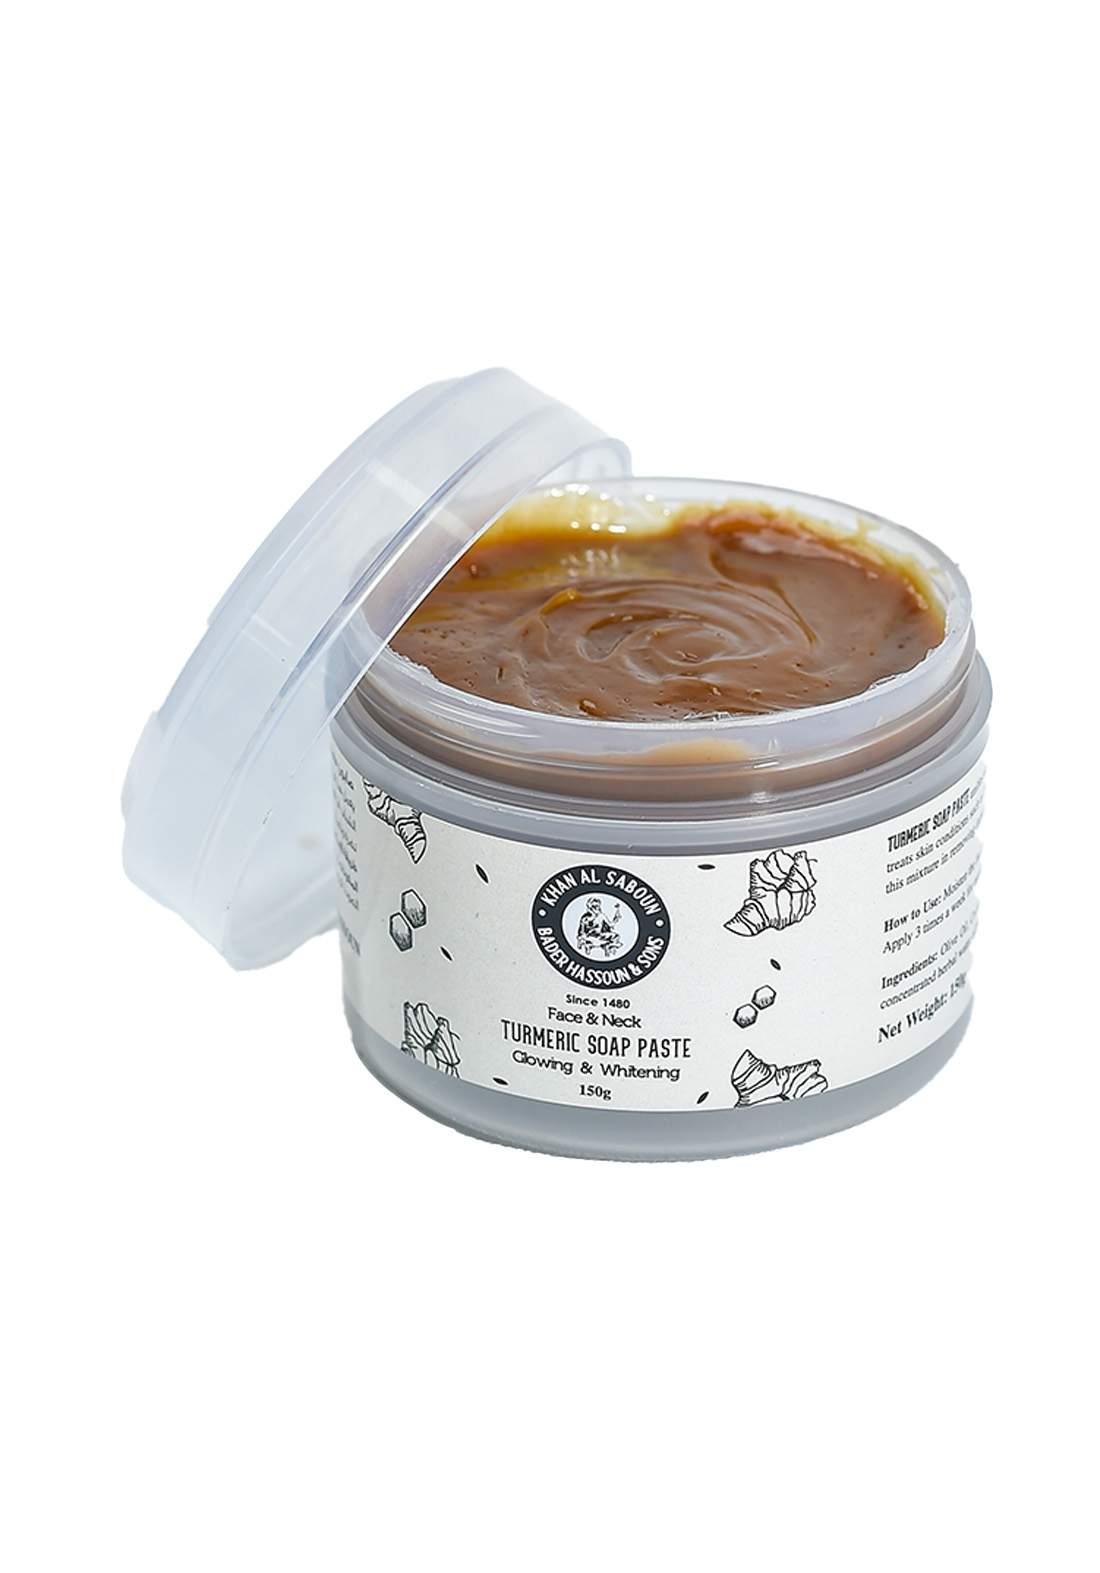 Khan Alsaboun Turmeric Soap Paste 150 g صابون معجون الكركم